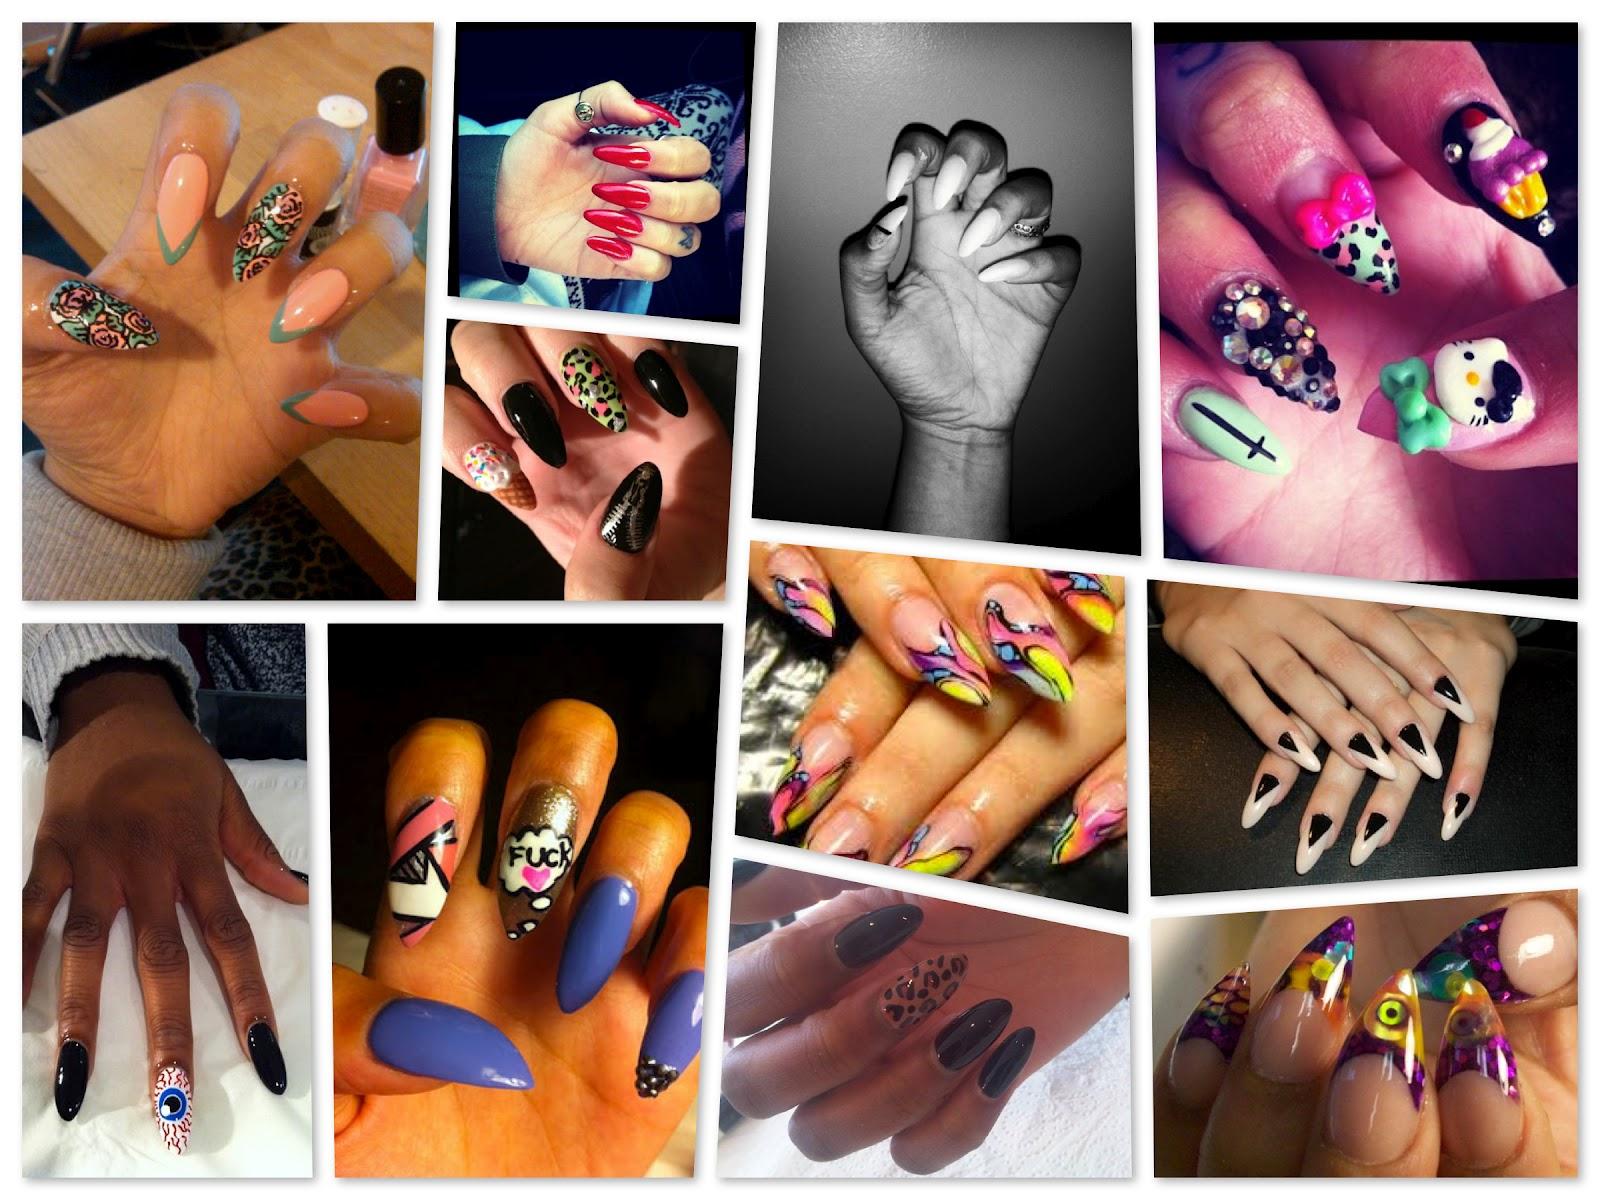 http://3.bp.blogspot.com/-2mbRRaHe--M/T8yjFueyLtI/AAAAAAAAAOY/iHOlnb-wvr8/s1600/claws.jpg